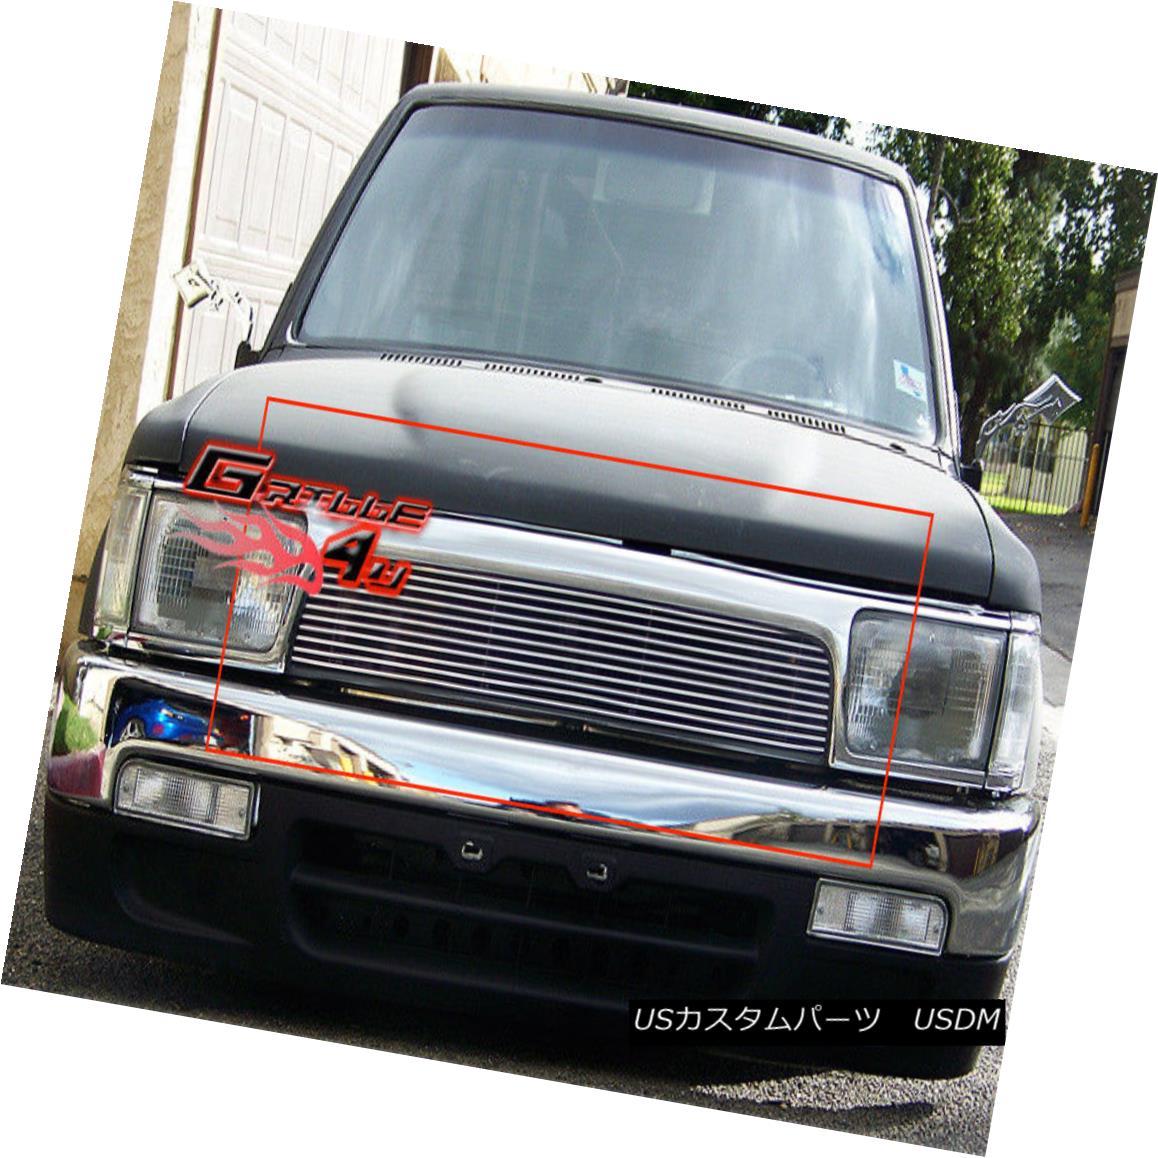 グリル Fits 92-95 Toyota 4Runner 4 Runner Main Upper Billet Grille Insert フィット92-95トヨタ4ランナー4ランナーメインアッパービレットグリルインサート